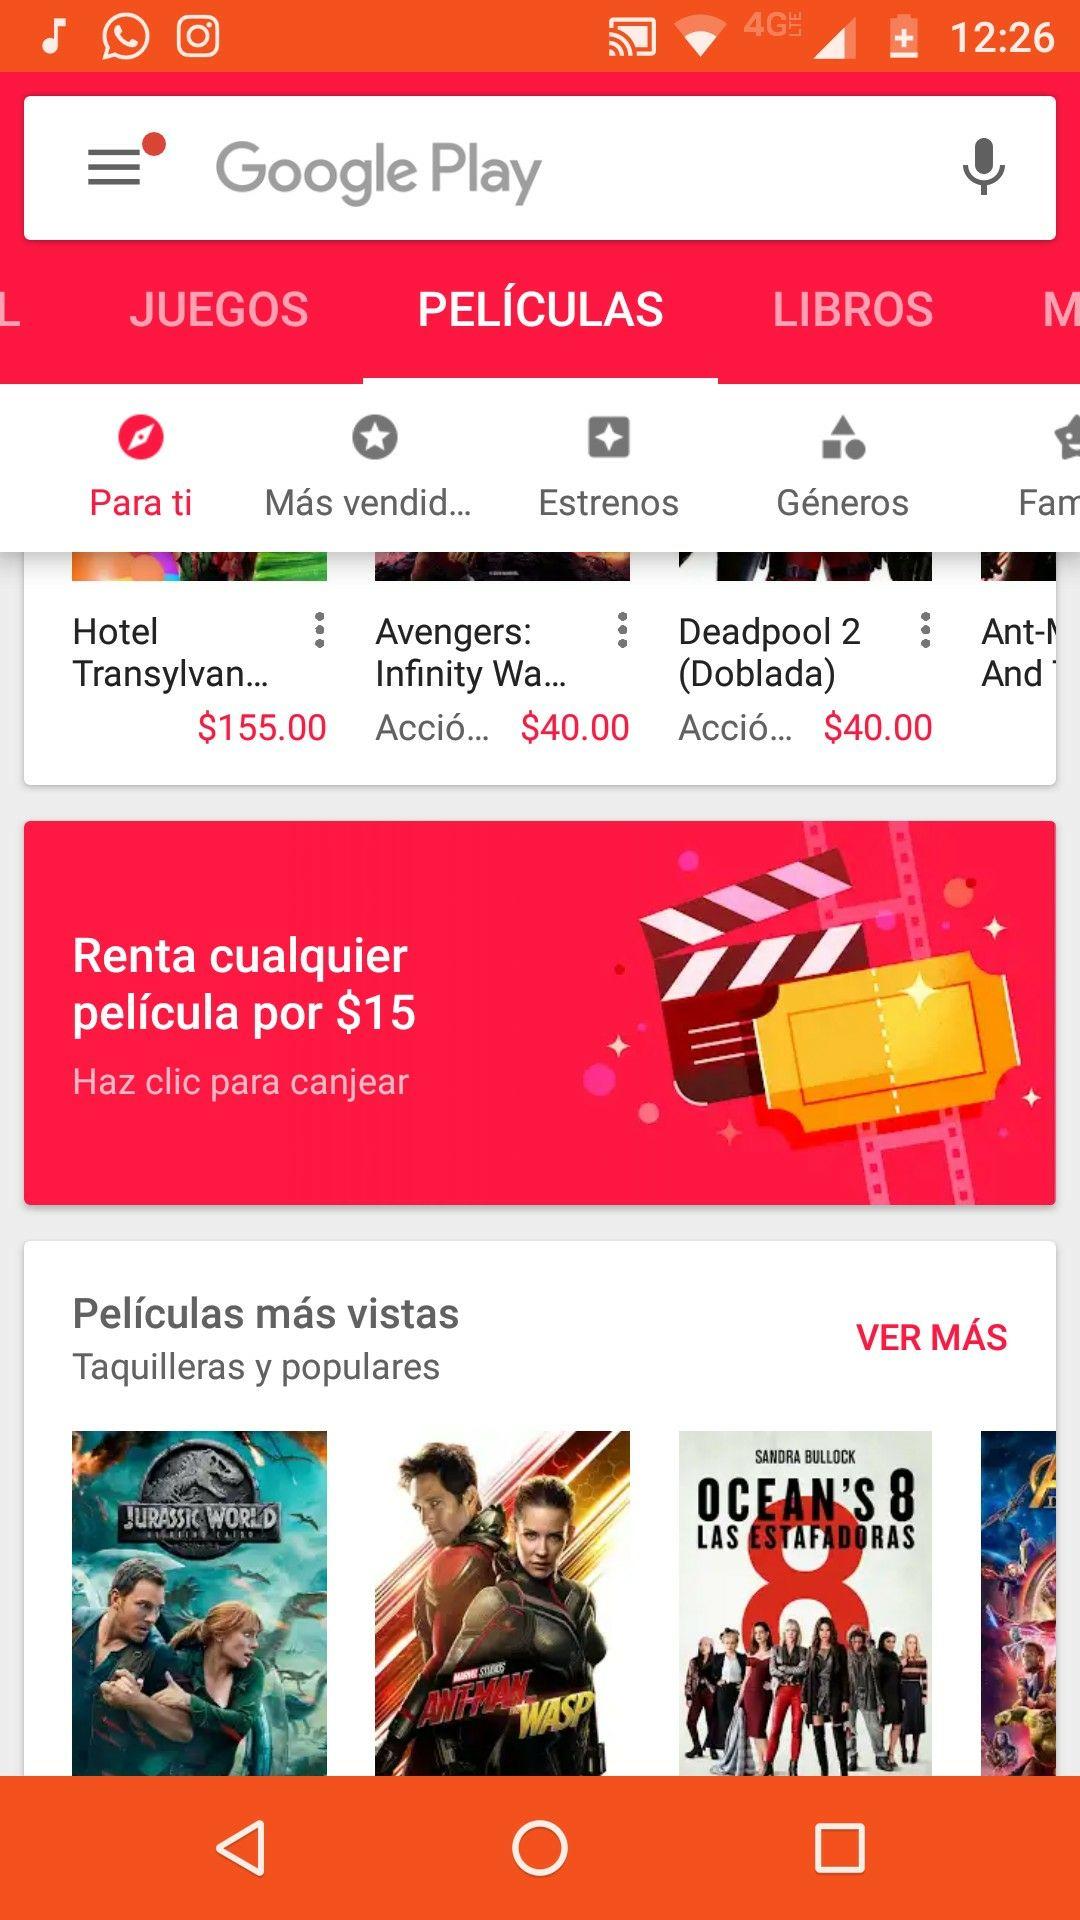 Google Play Movies: Una renta de película $15